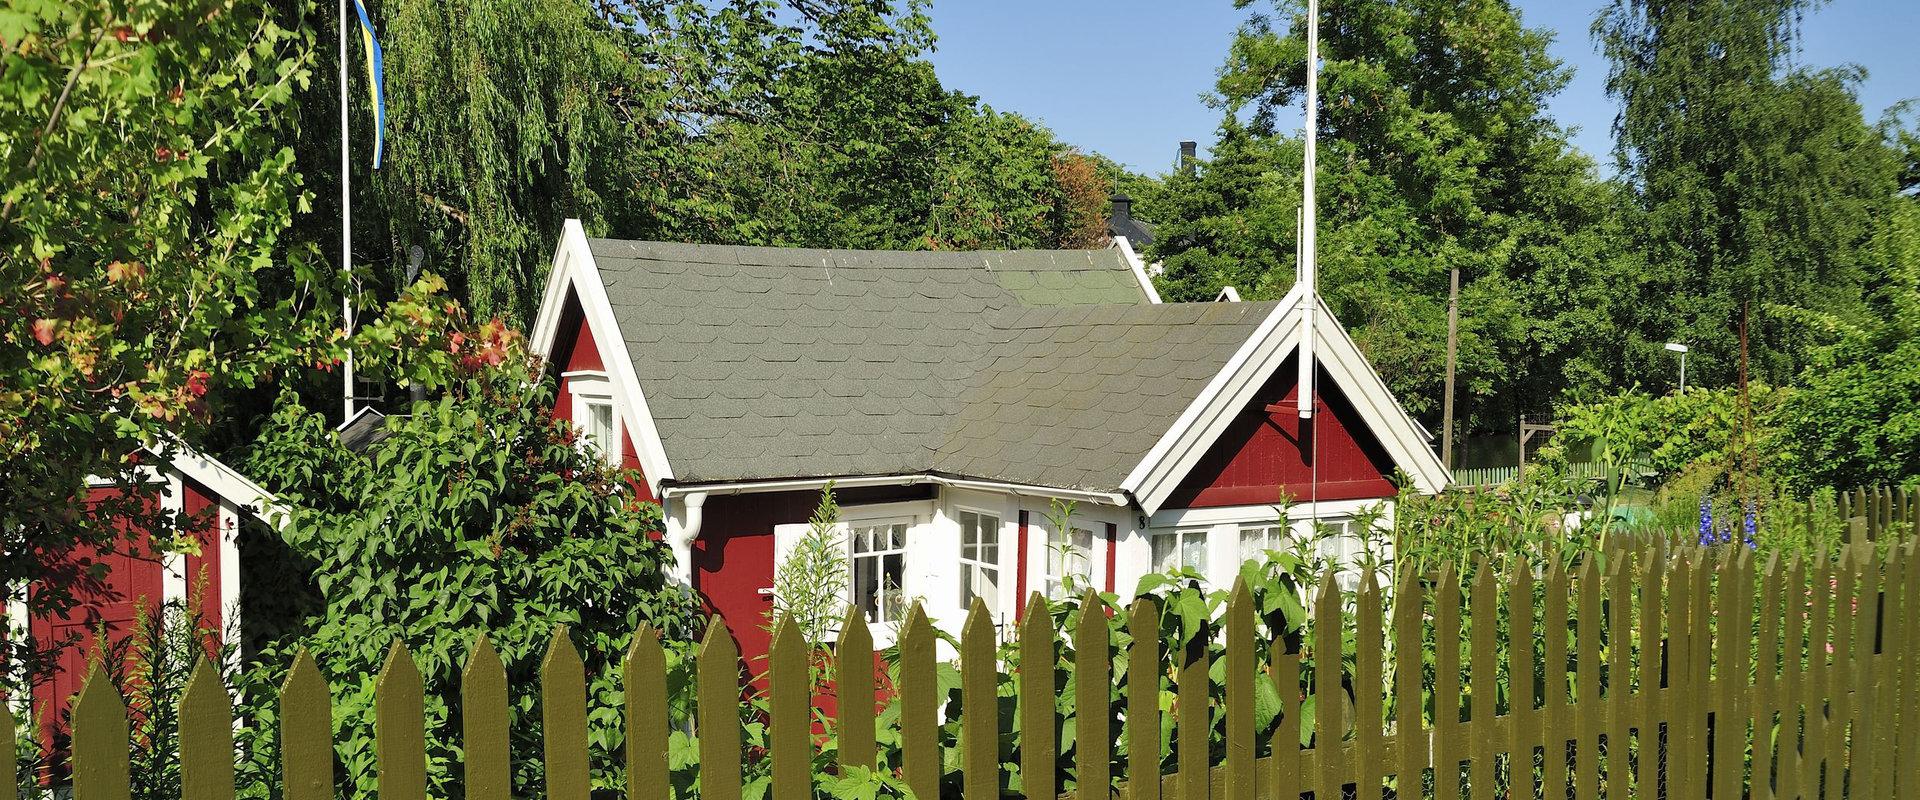 Köp av fastighet i Sverige efter skattemässig utflyttning